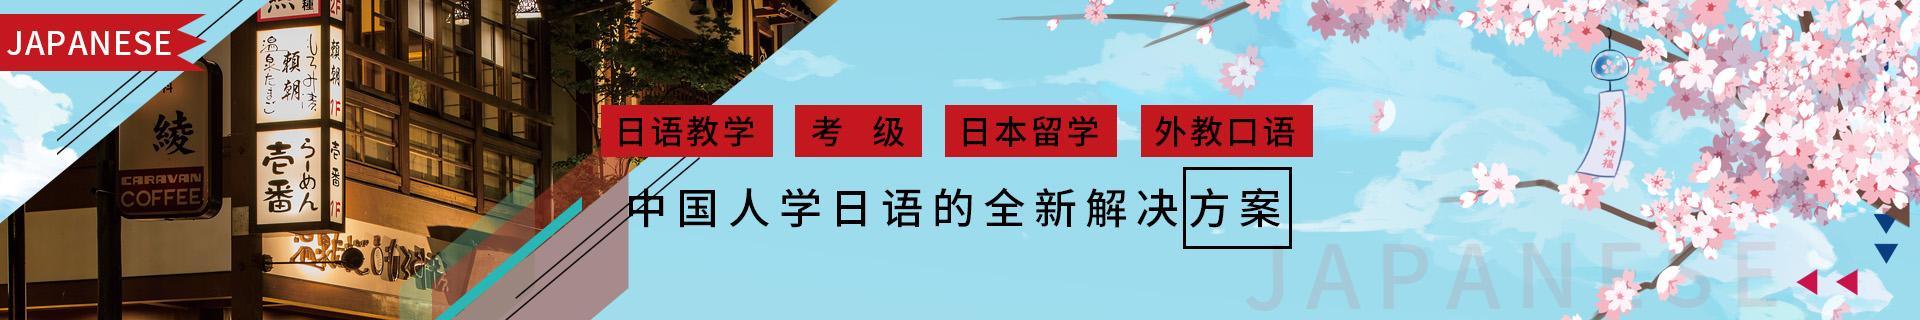 长沙樱花国际日语培训机构